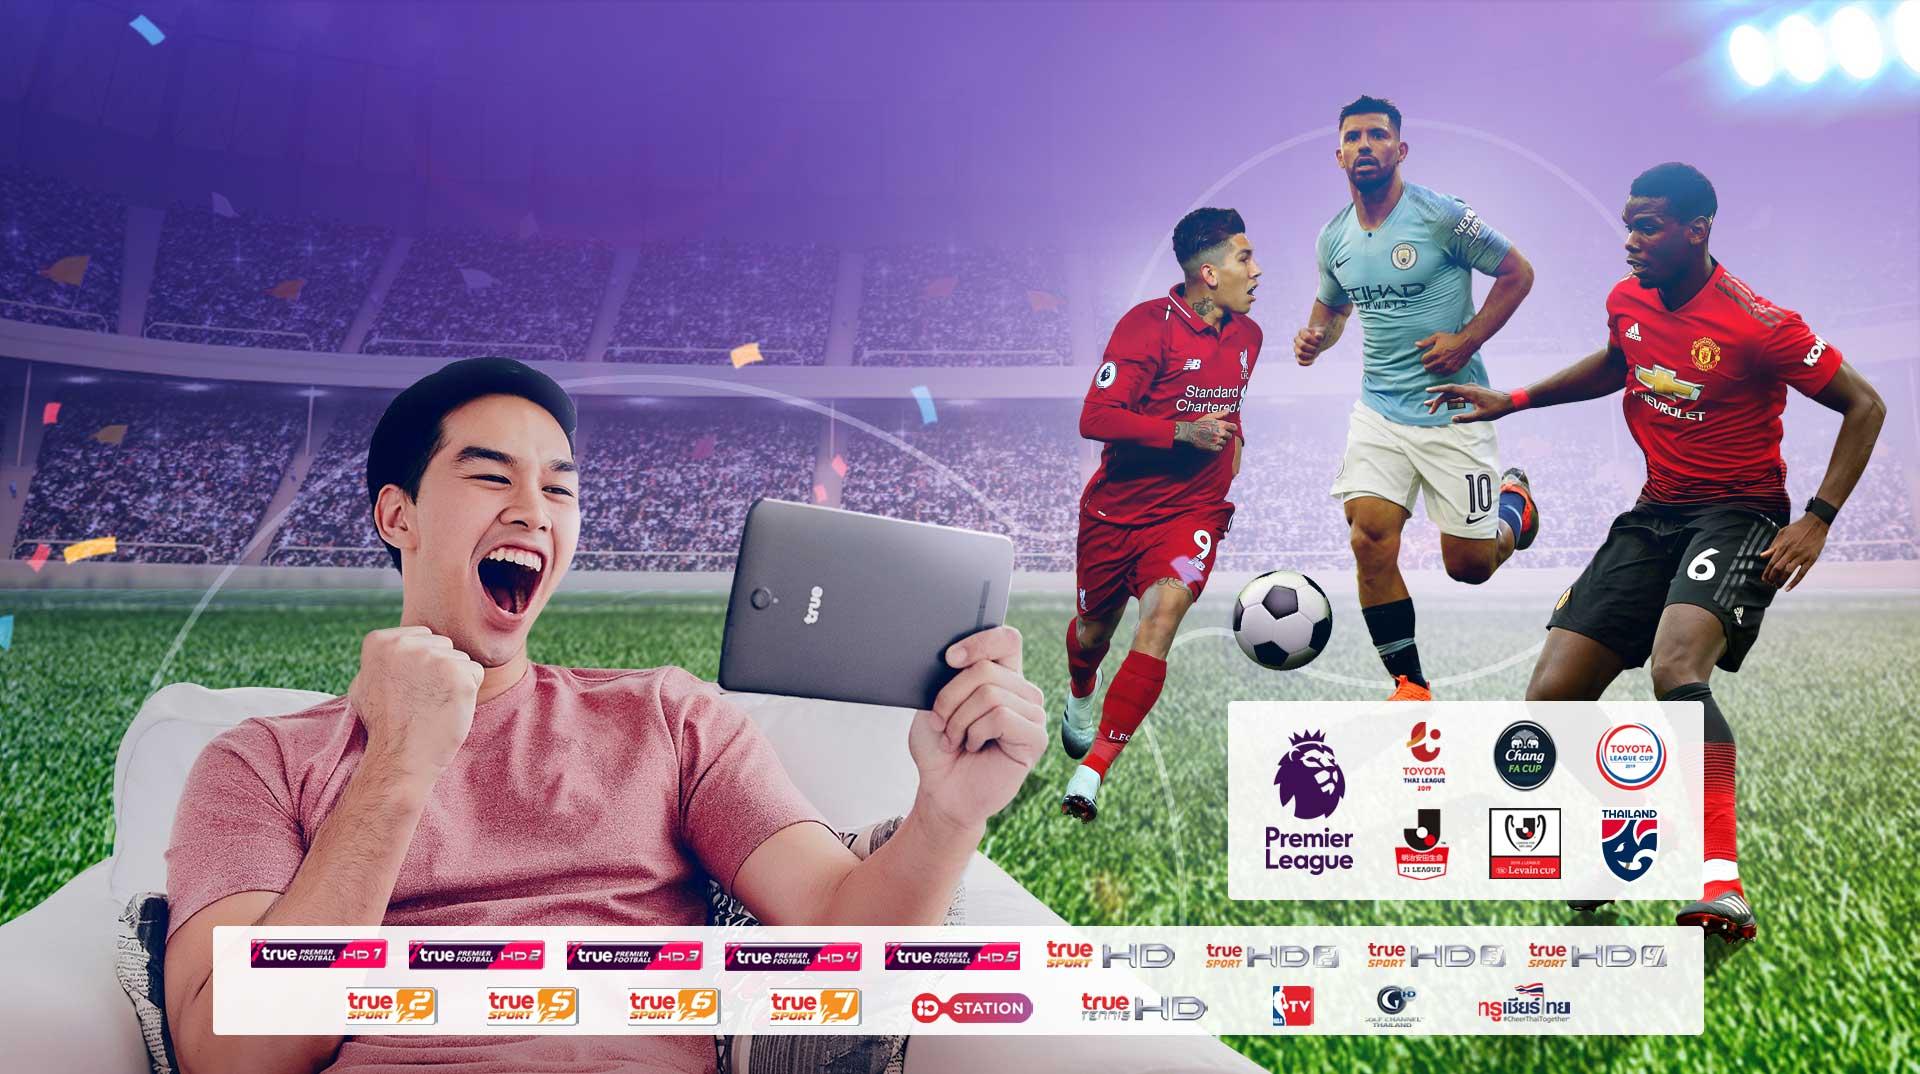 พาคุณไปเชียร์กีฬาได้ง่าย ๆ ไม่ต้องไปไกลถึงขอบสนาม พร้อมติดตามข่าวสารในวงการกีฬา ดูบอลพรีเมียร์ลีกและไทยลีก กันแบบสด ๆ